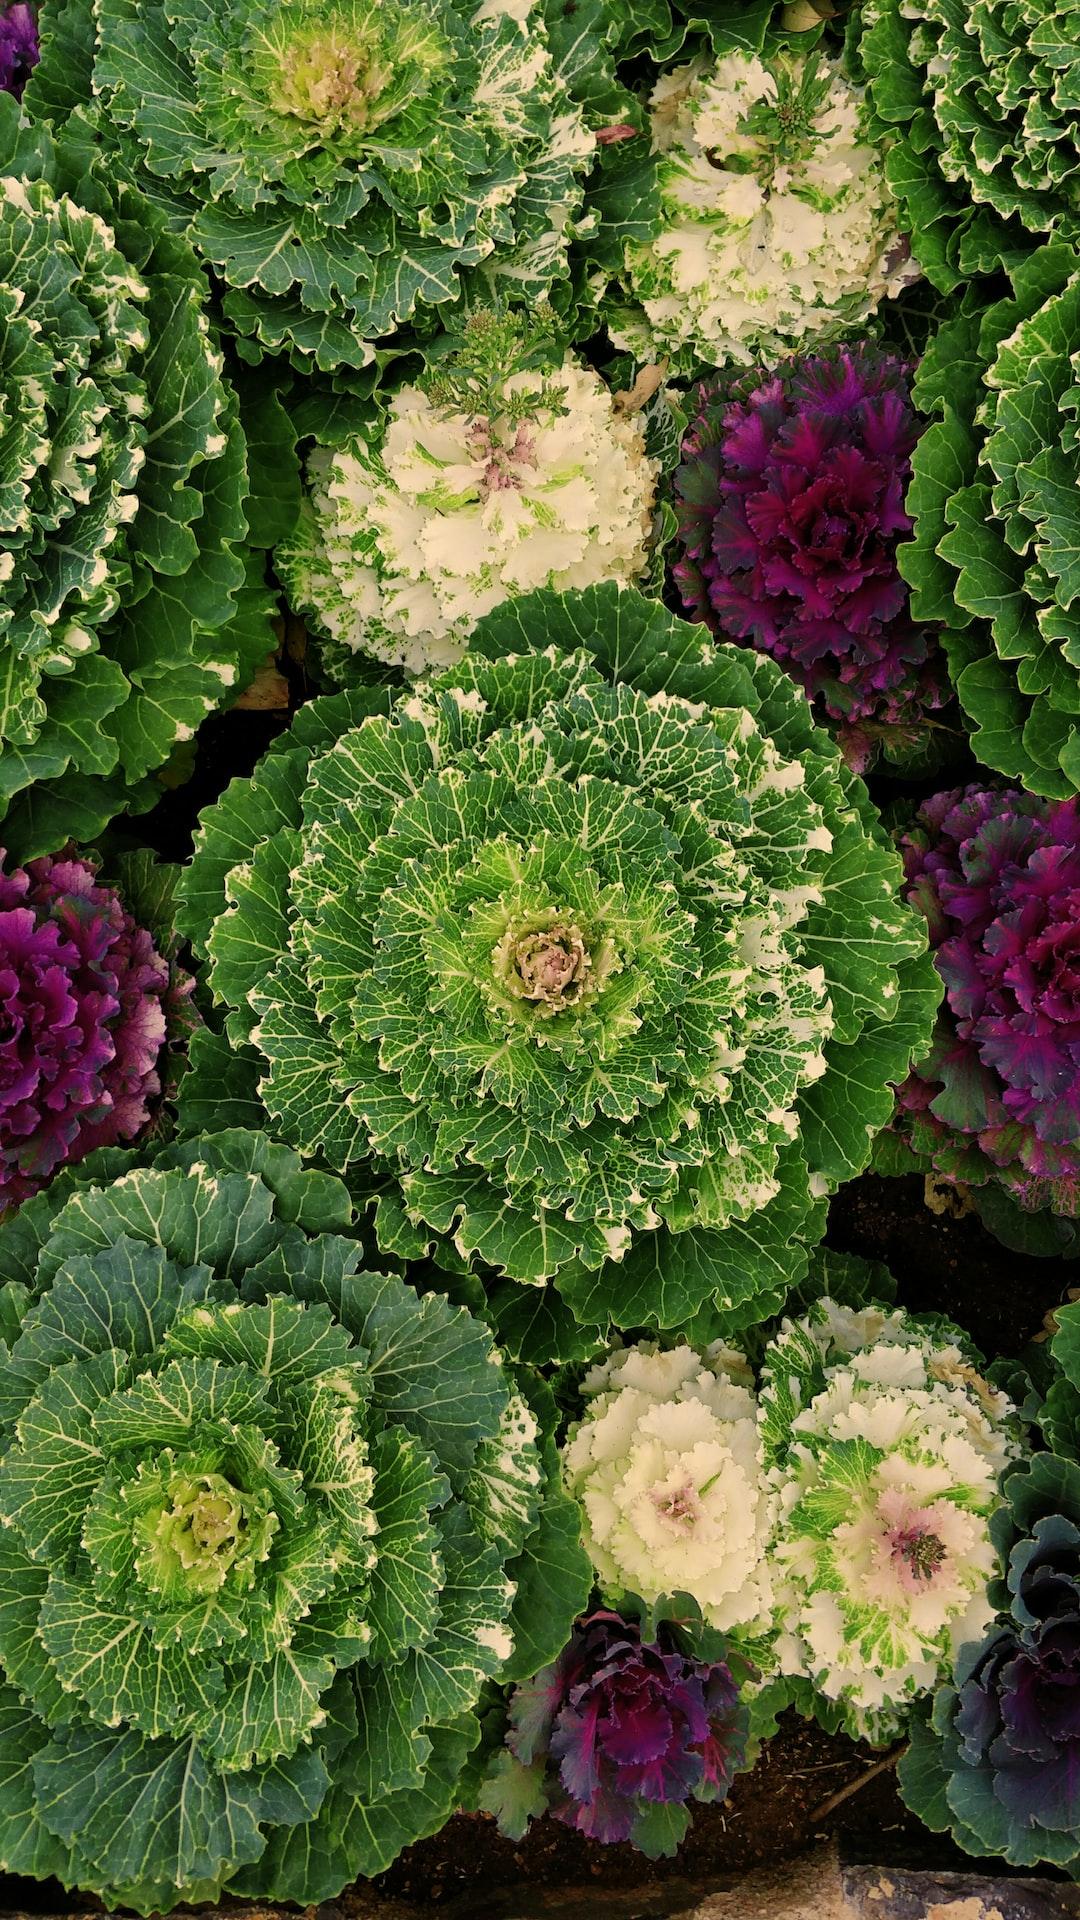 Cauli-flowers